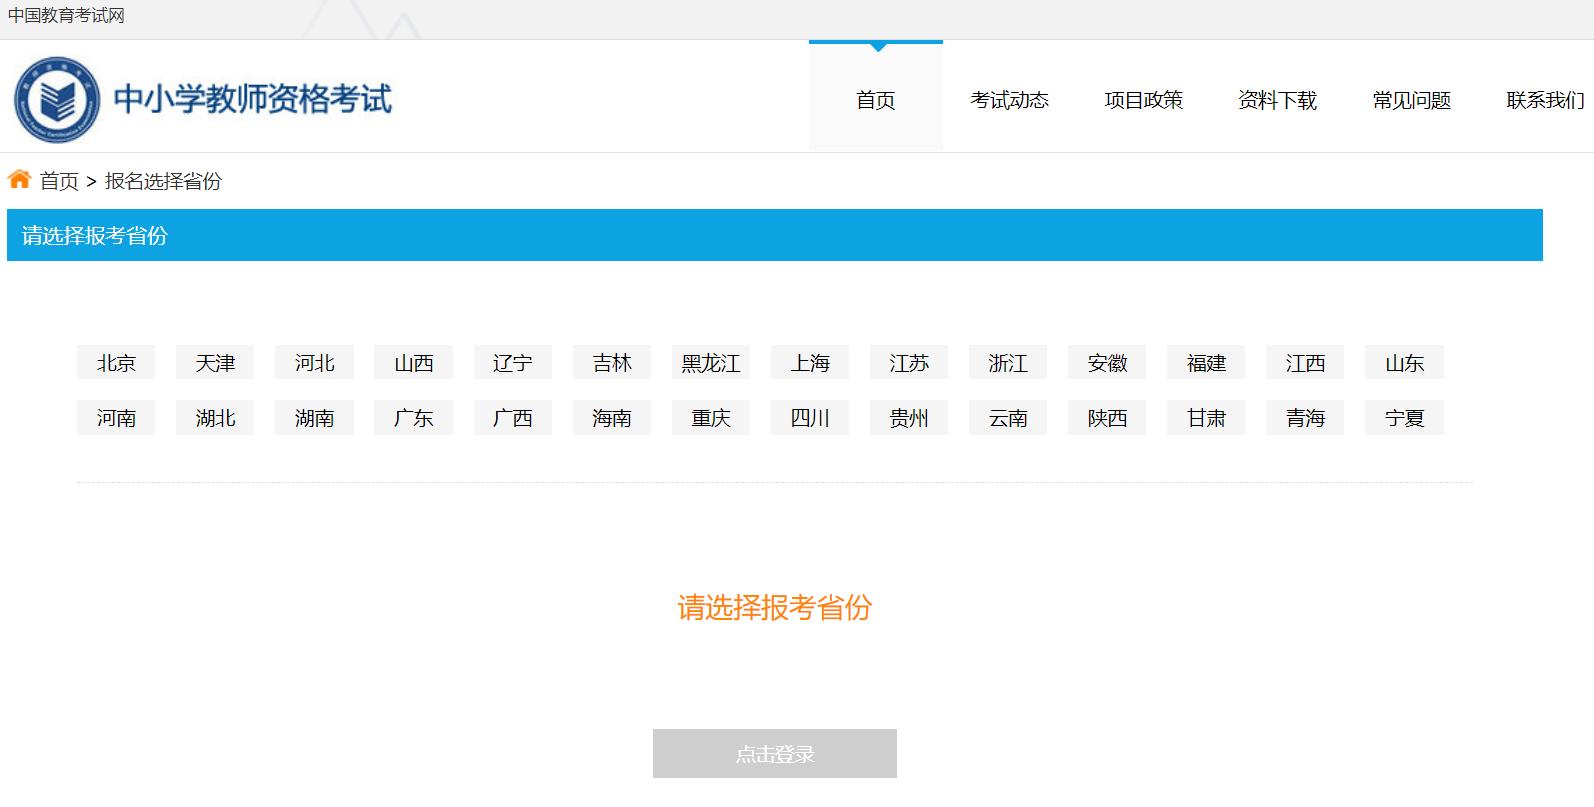 中国教育考试网:2021上半年安徽教师资格考试报名时间